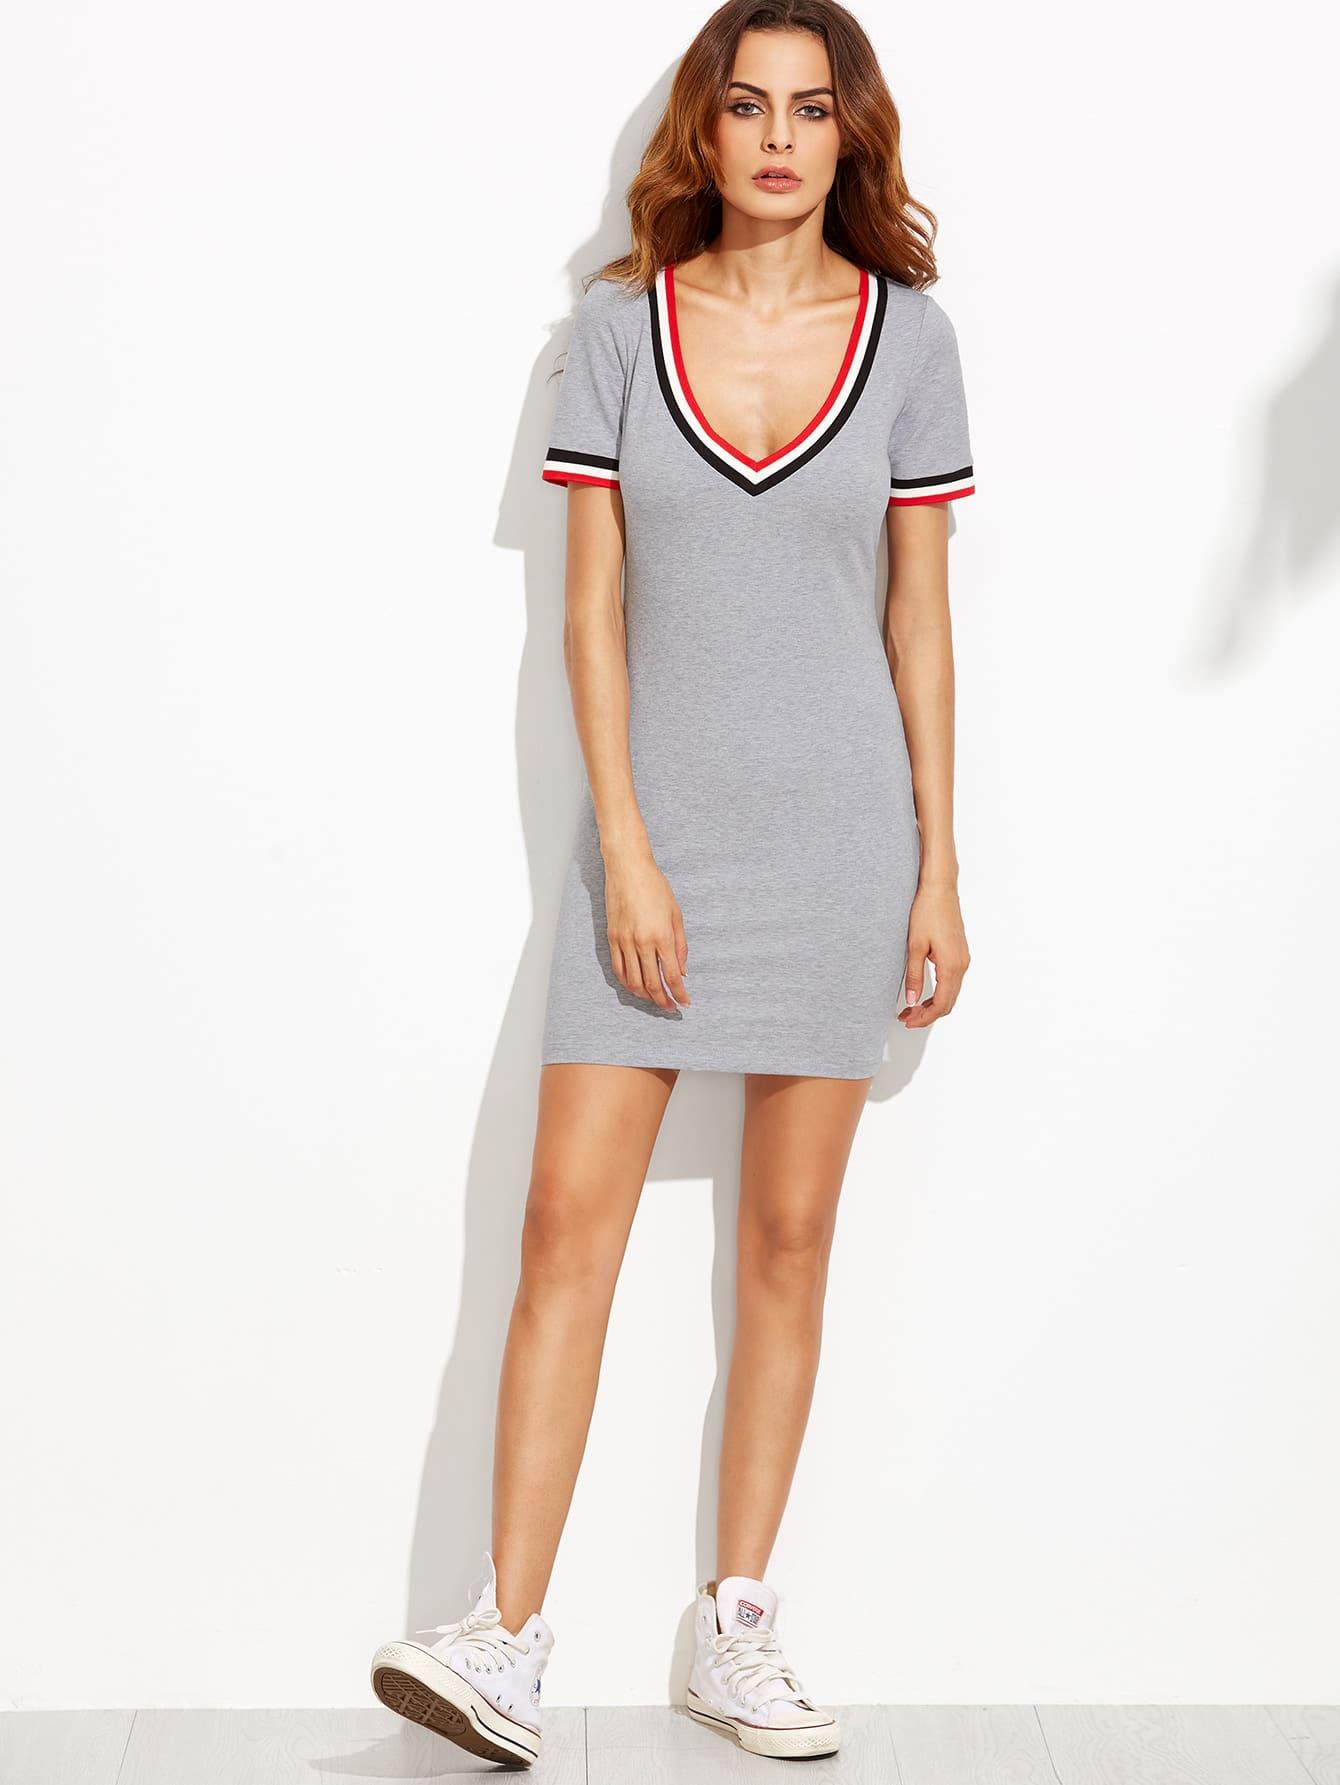 dress160808703_2